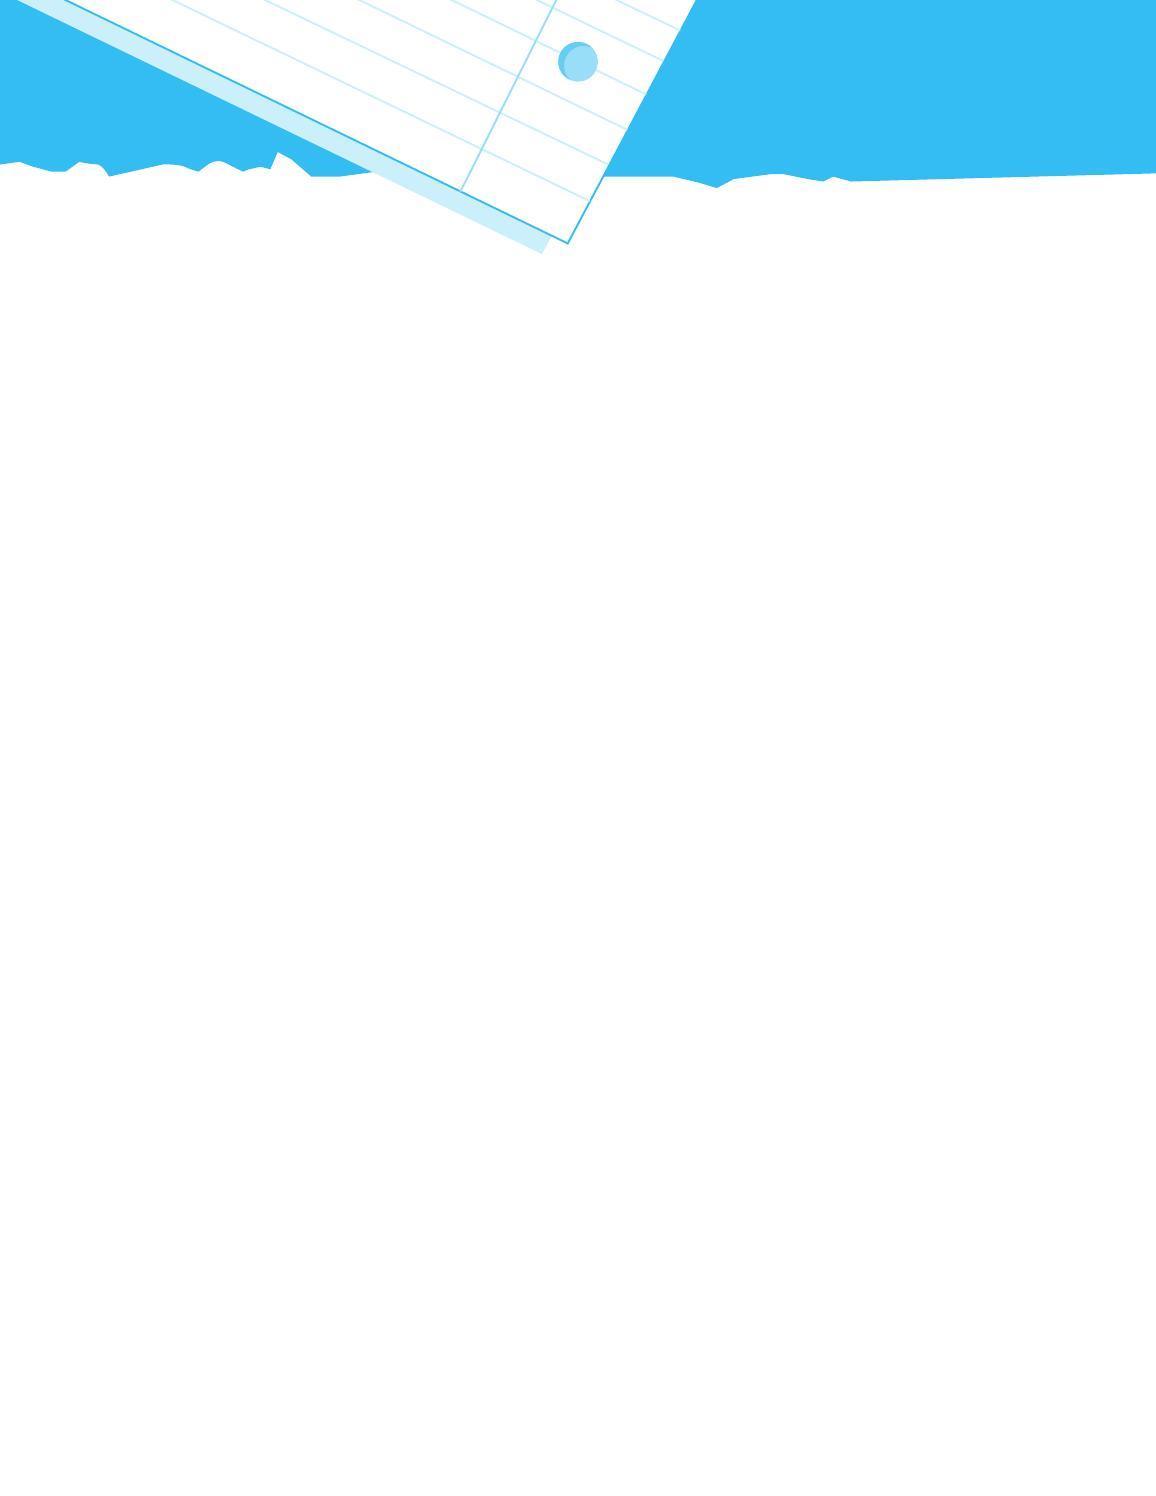 Si ves este mensaje, probablemente estás intentando descargar un libro que ha sido borrado de Issuu.